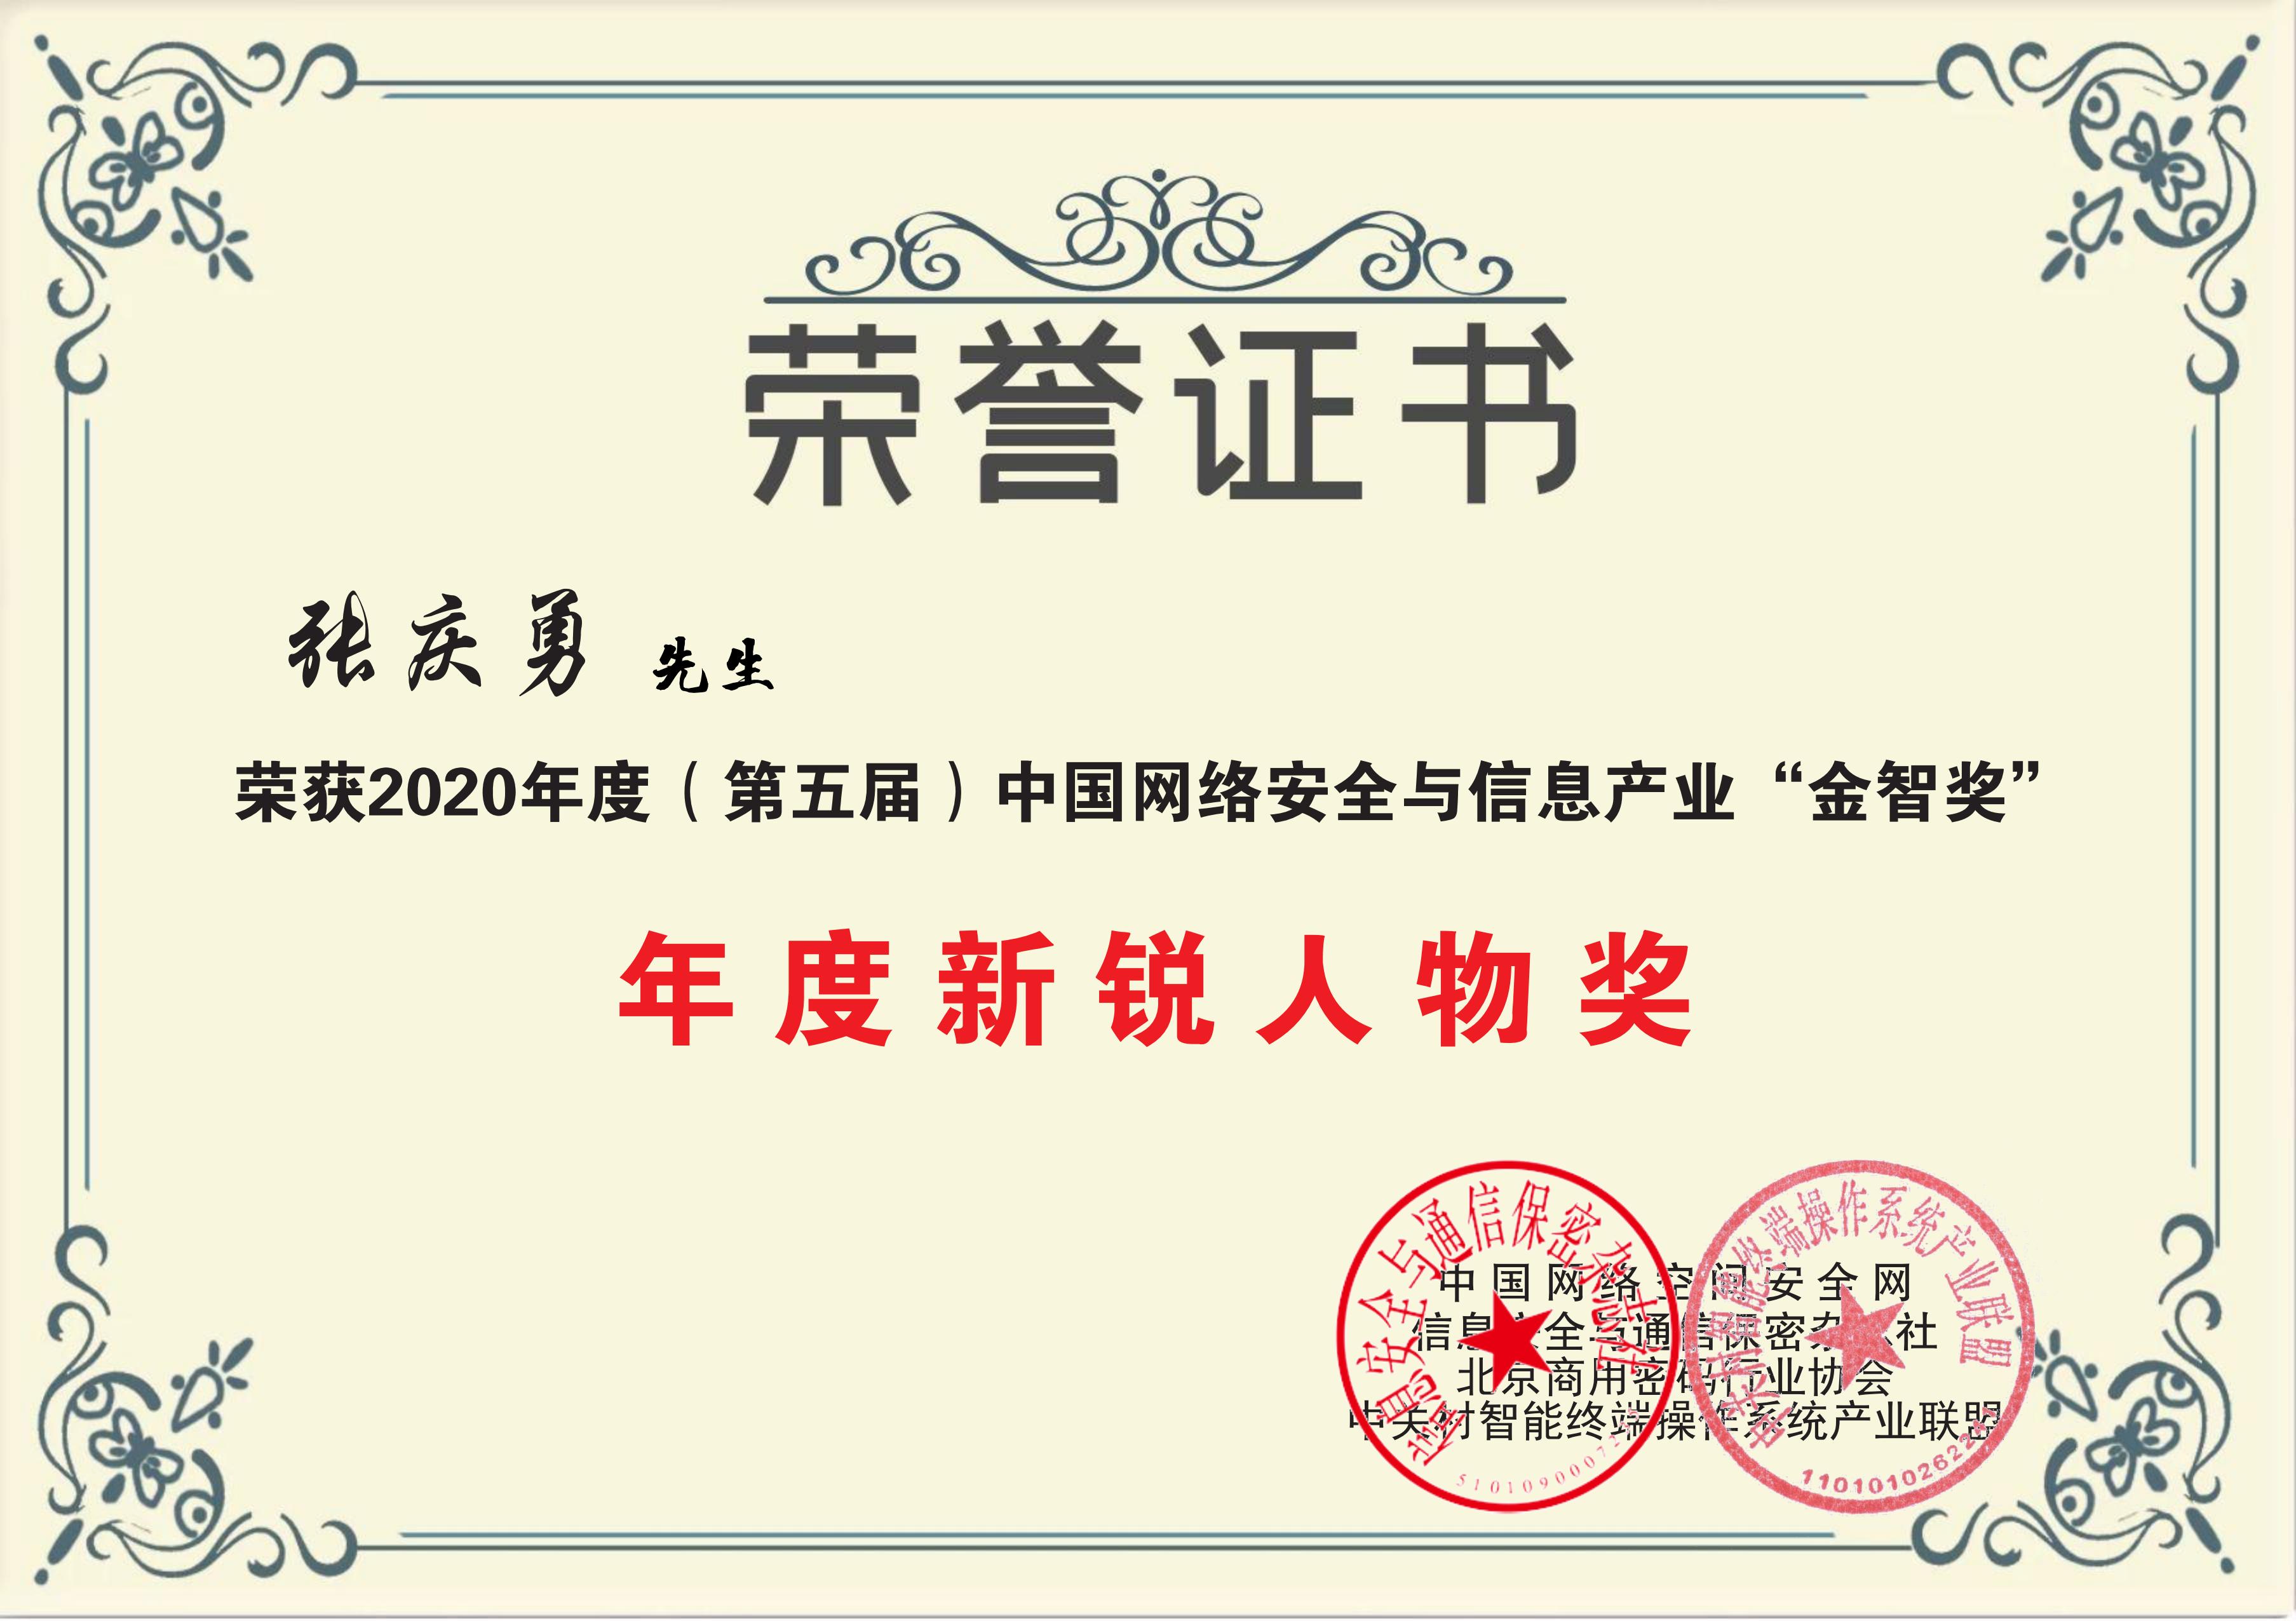 """信安世纪高级副总裁张庆勇荣获2020""""金智奖""""年度新锐人物奖-产业互联网"""